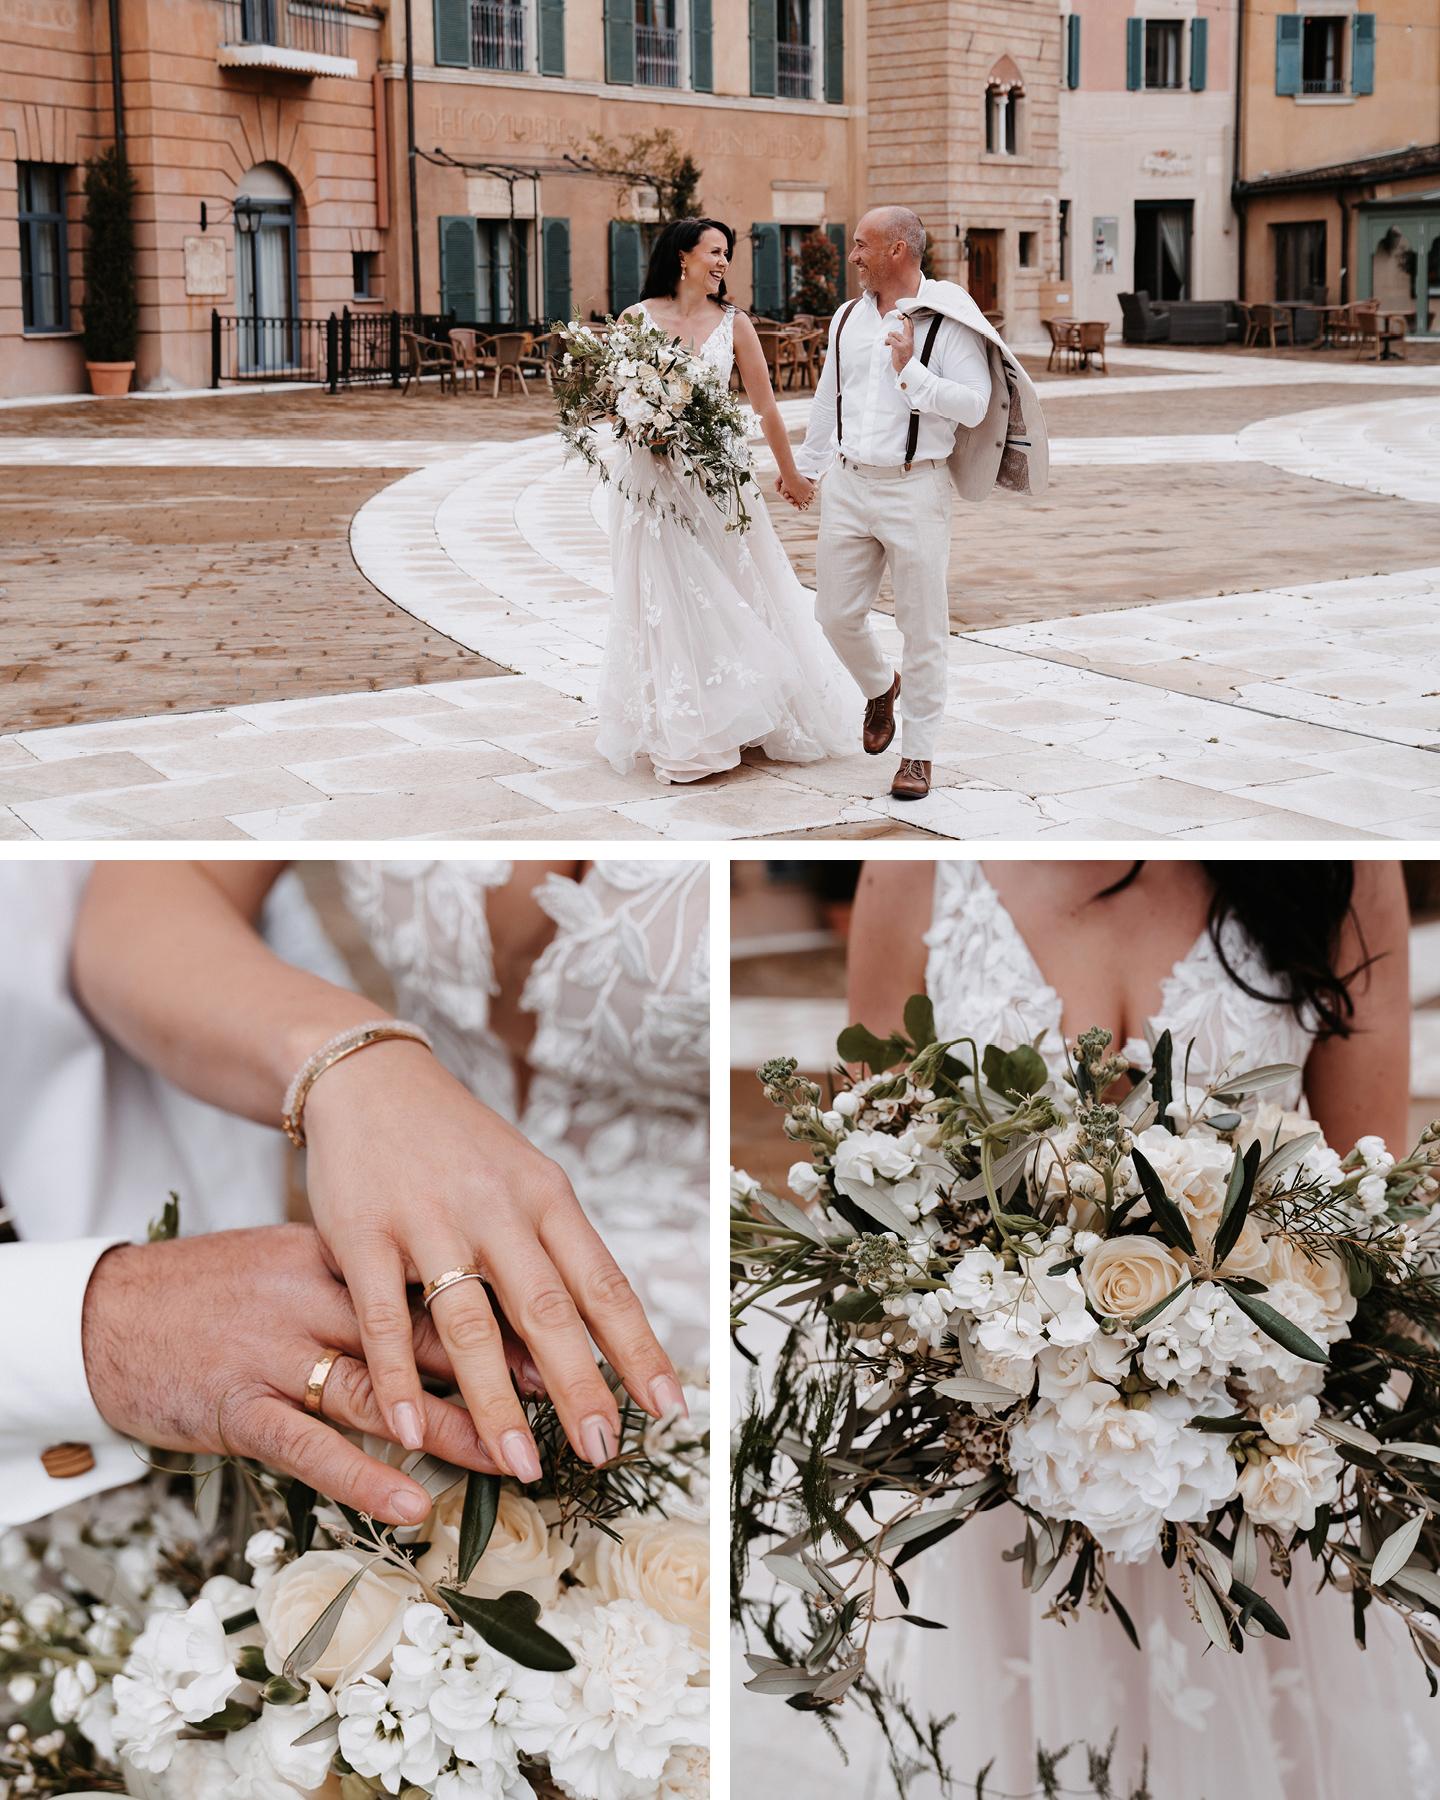 Brautpaar im Boho Greenry Look schlendert hat in Hand zum Traualter. Die Braut trägt einen großen Brautstrauß mit weißen Blüten und Olivenzweigen.